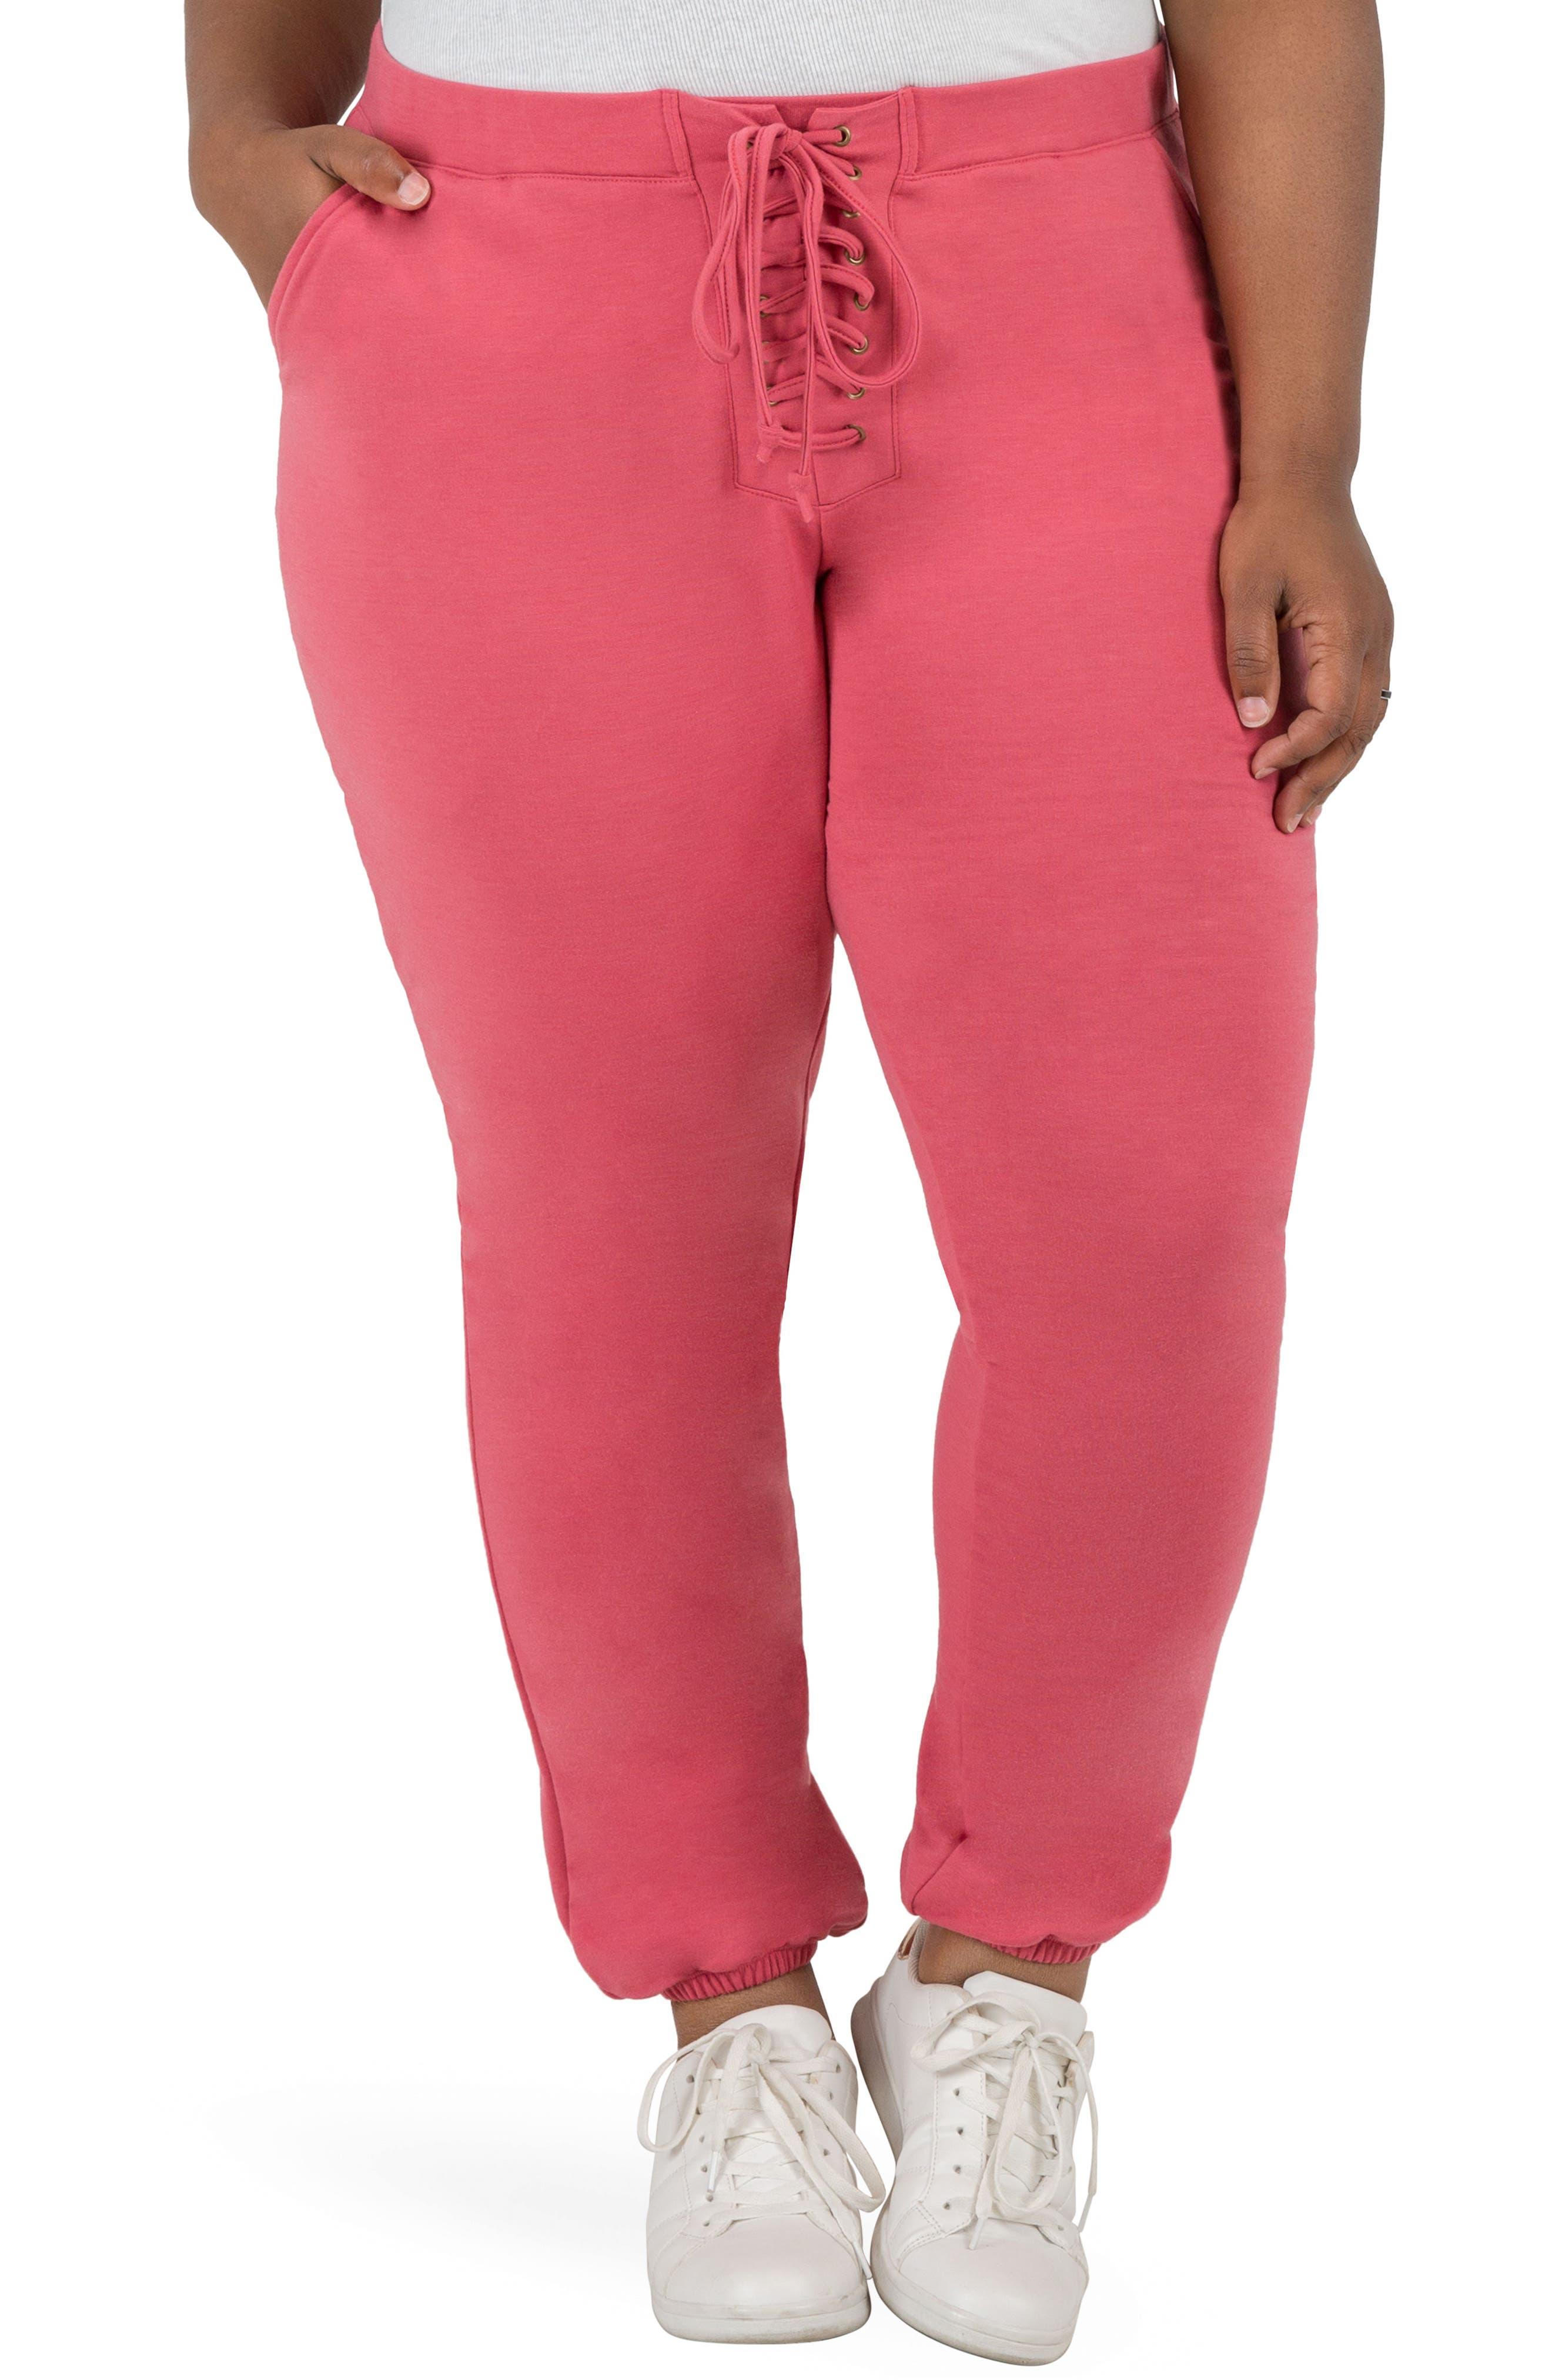 Nikki Sweatpants,                             Main thumbnail 1, color,                             Deep Rose Pink